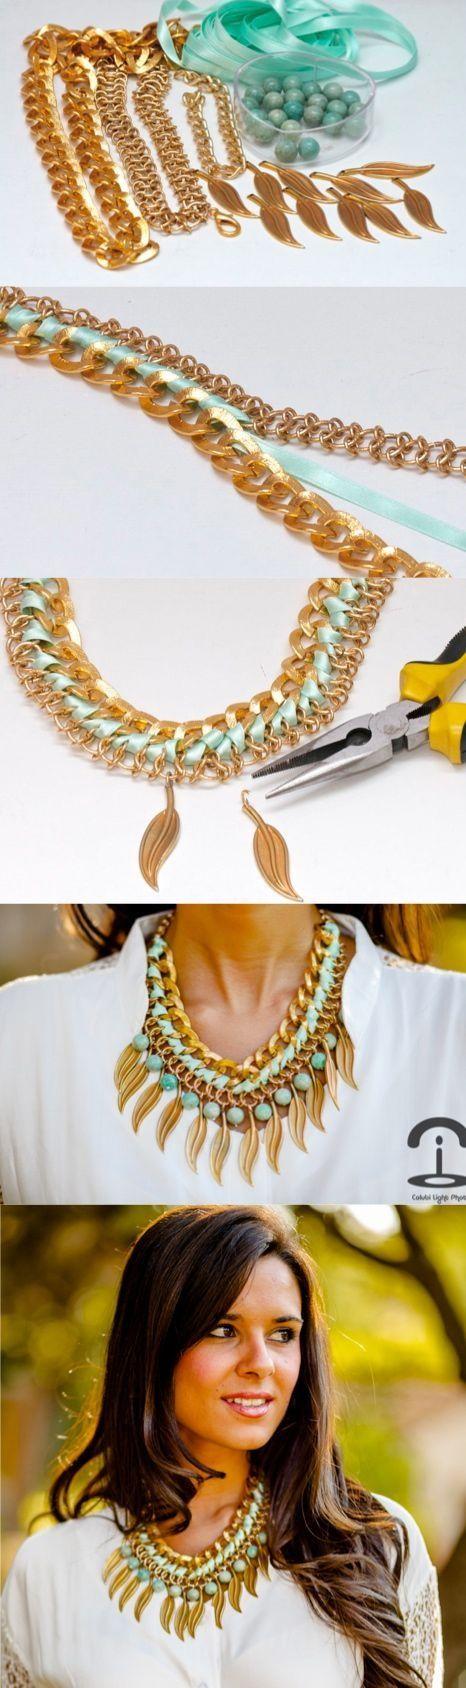 Trucs et astuces et idées créatives pour faire soi même ses bijoux, plein de conseils pour votre bijouterie fantaisie et créative, à la mode et tendance.